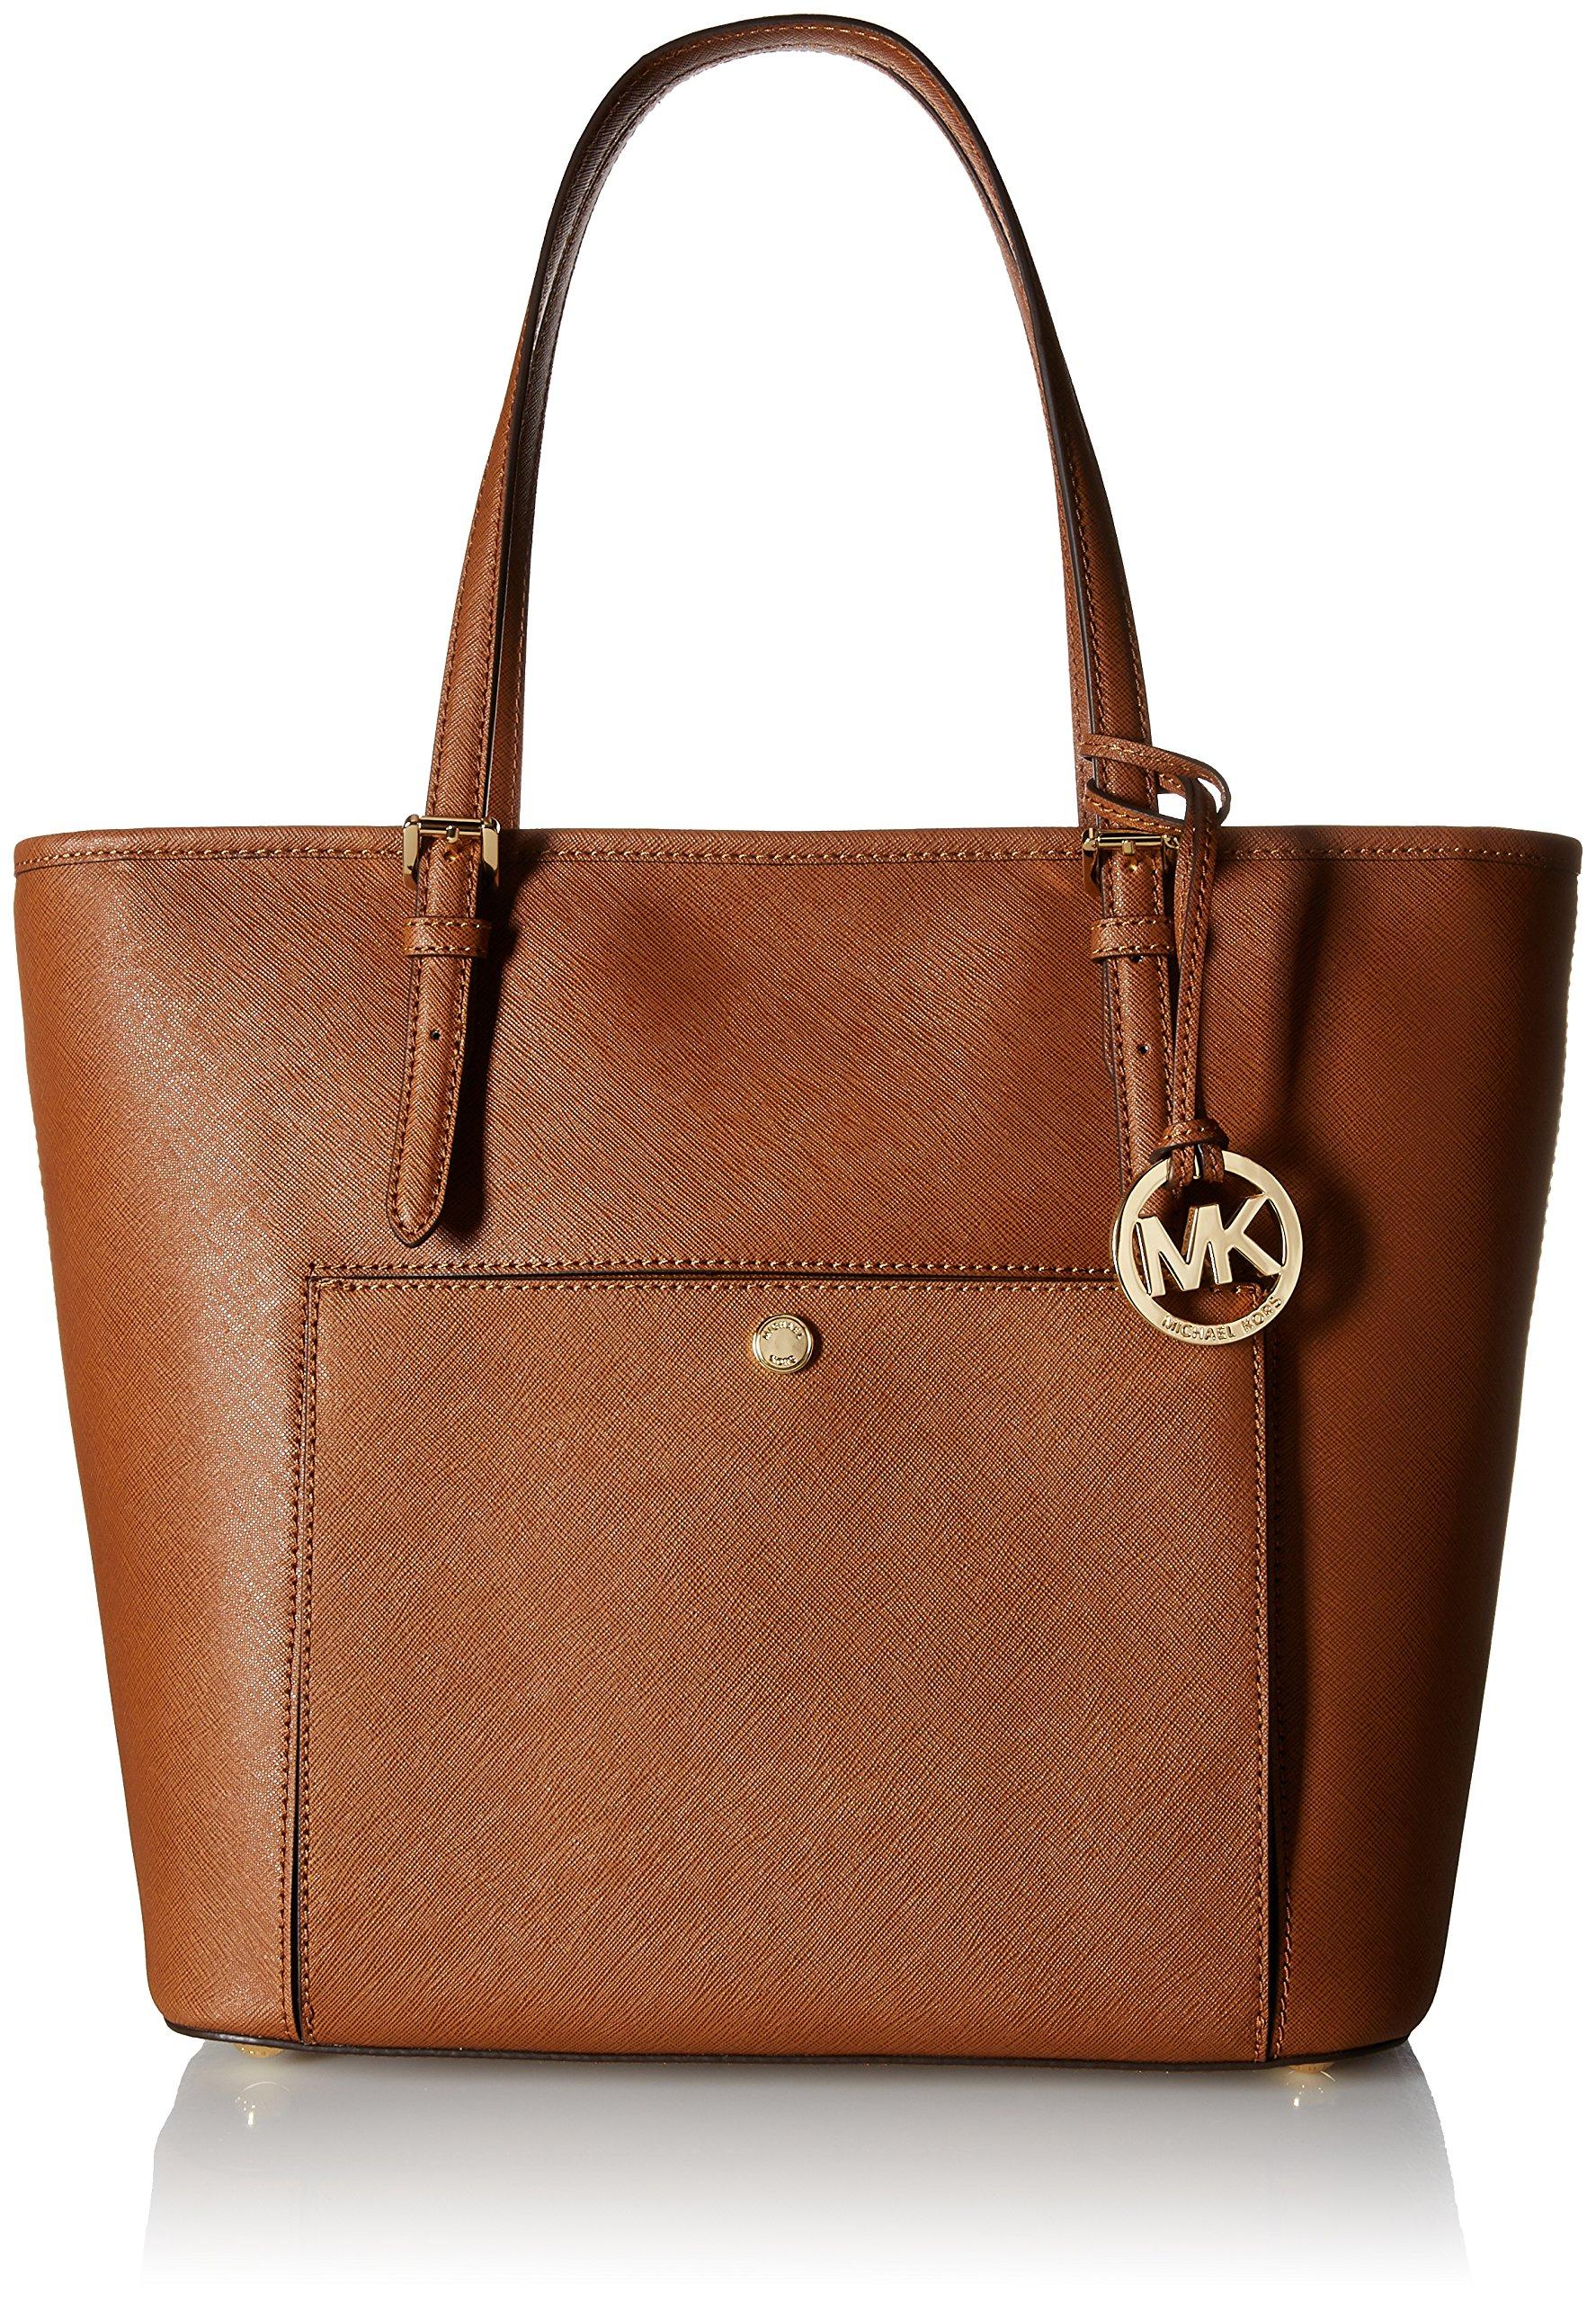 Michael Kors Mk Jet Set Signature Shoulder Bag, Luggage , Large